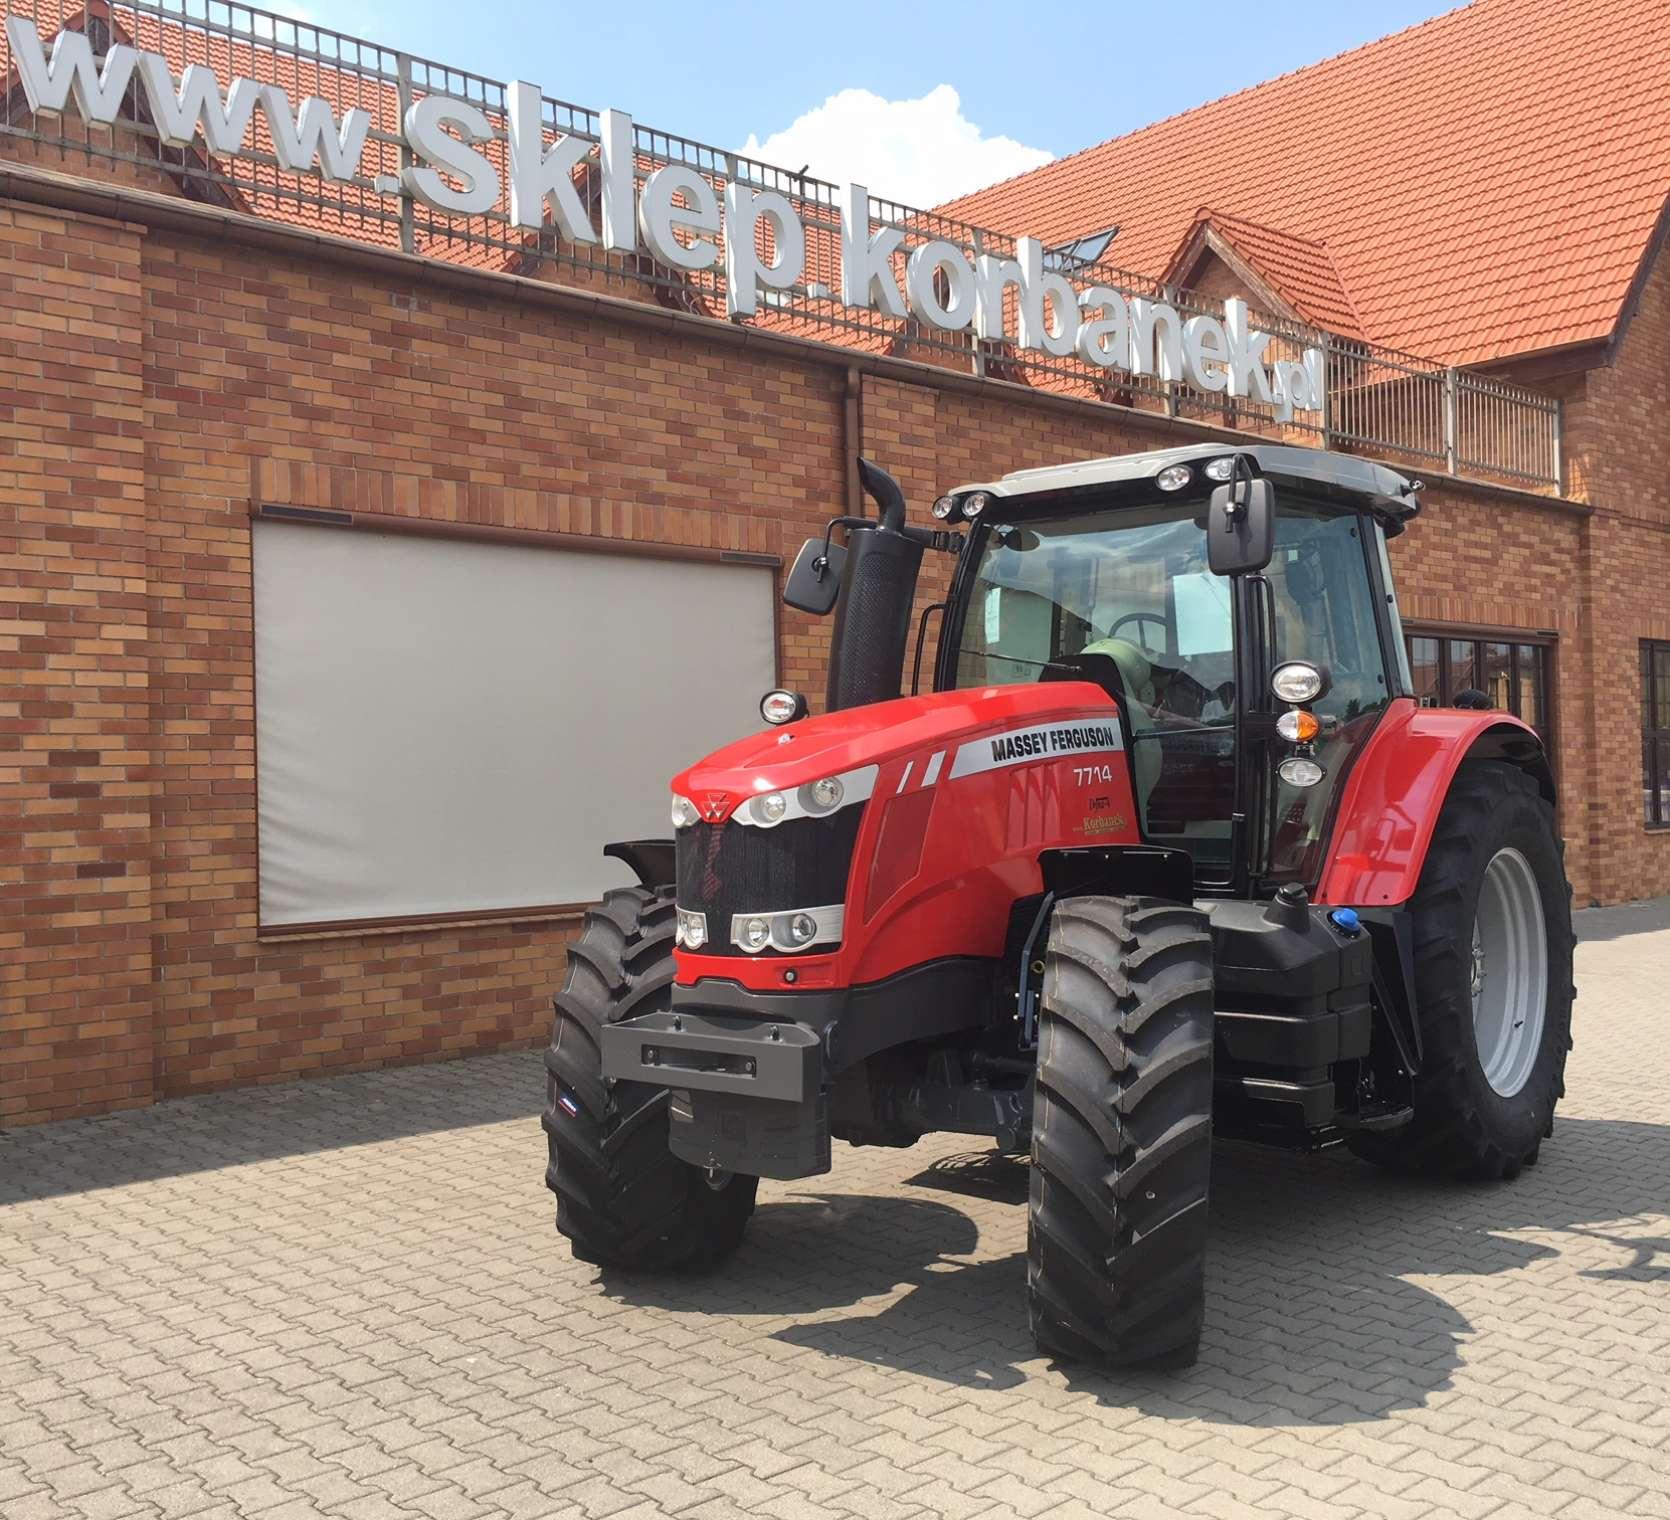 Nowy traktor Massey Ferguson 7714 z silnikiem AGCO Power sześcio cylindrowym przed sklepem firmy korbanek